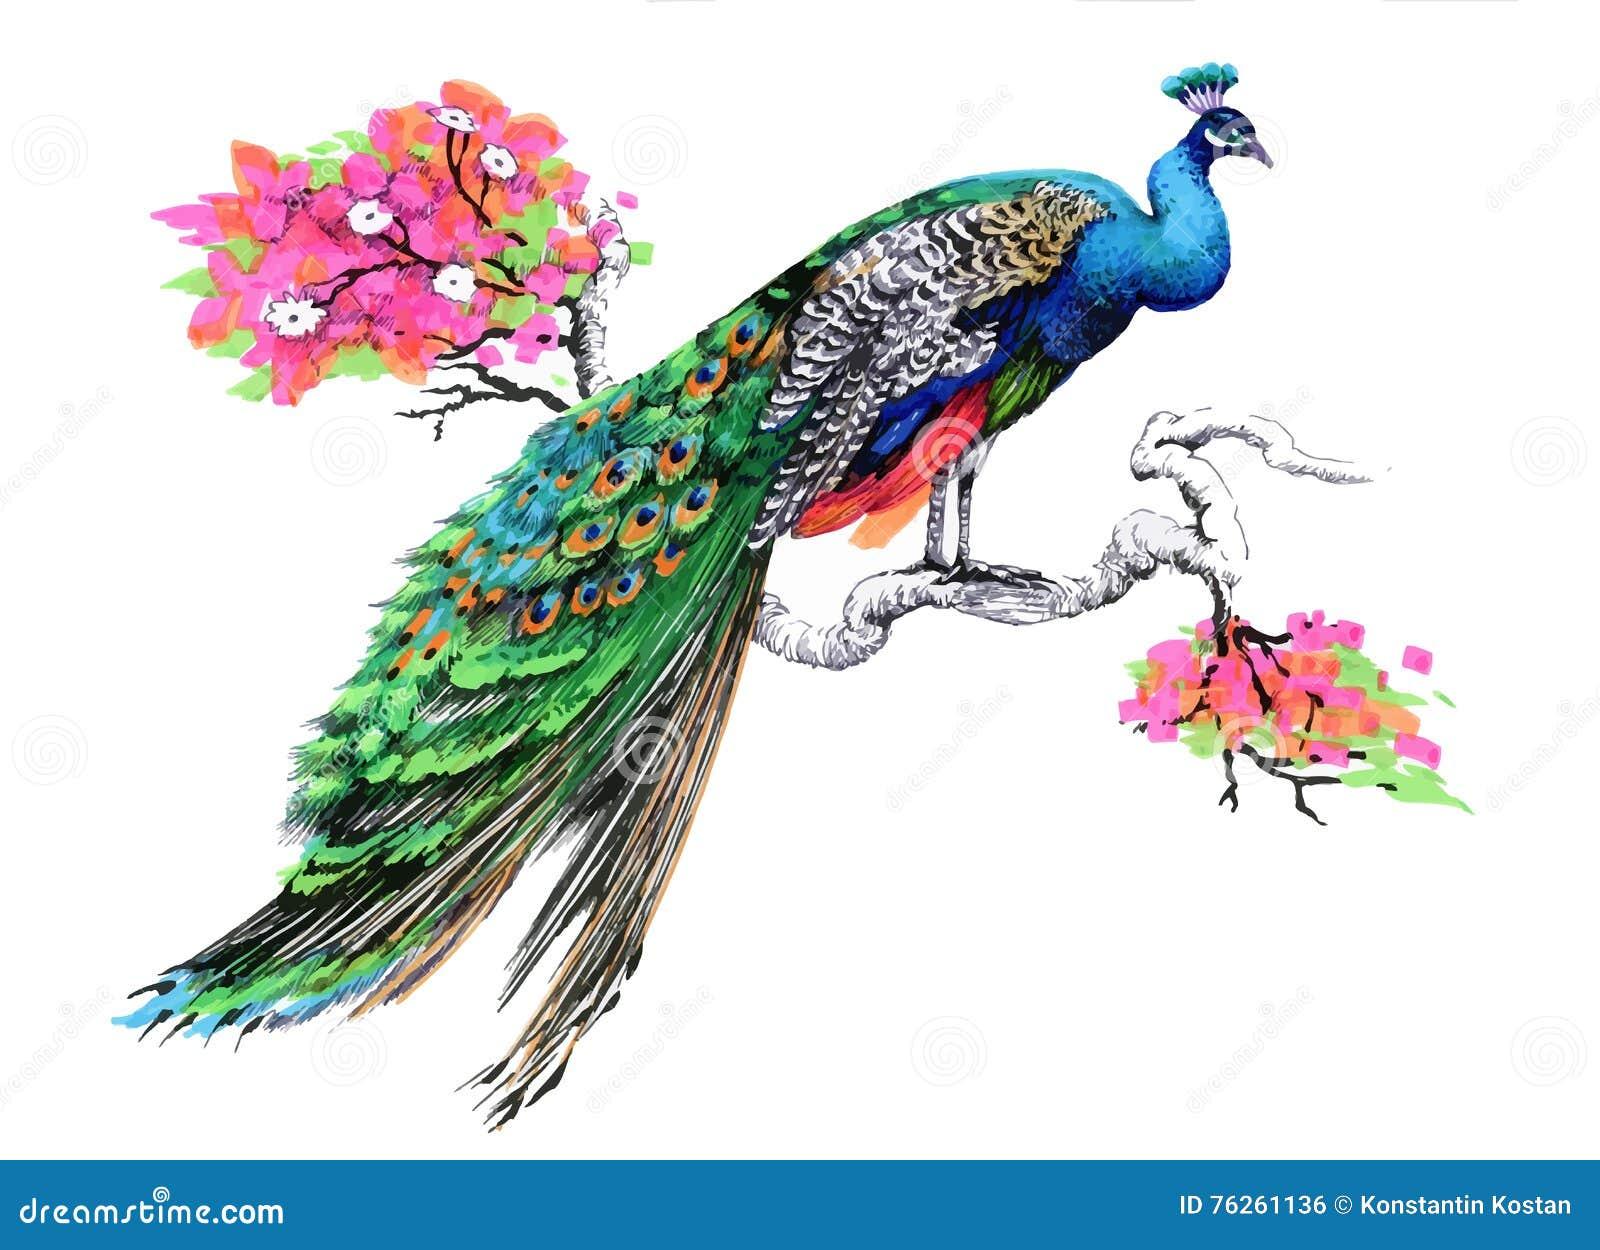 Pavo Real Del Dibujo De La Acuarela En Rama De árbol